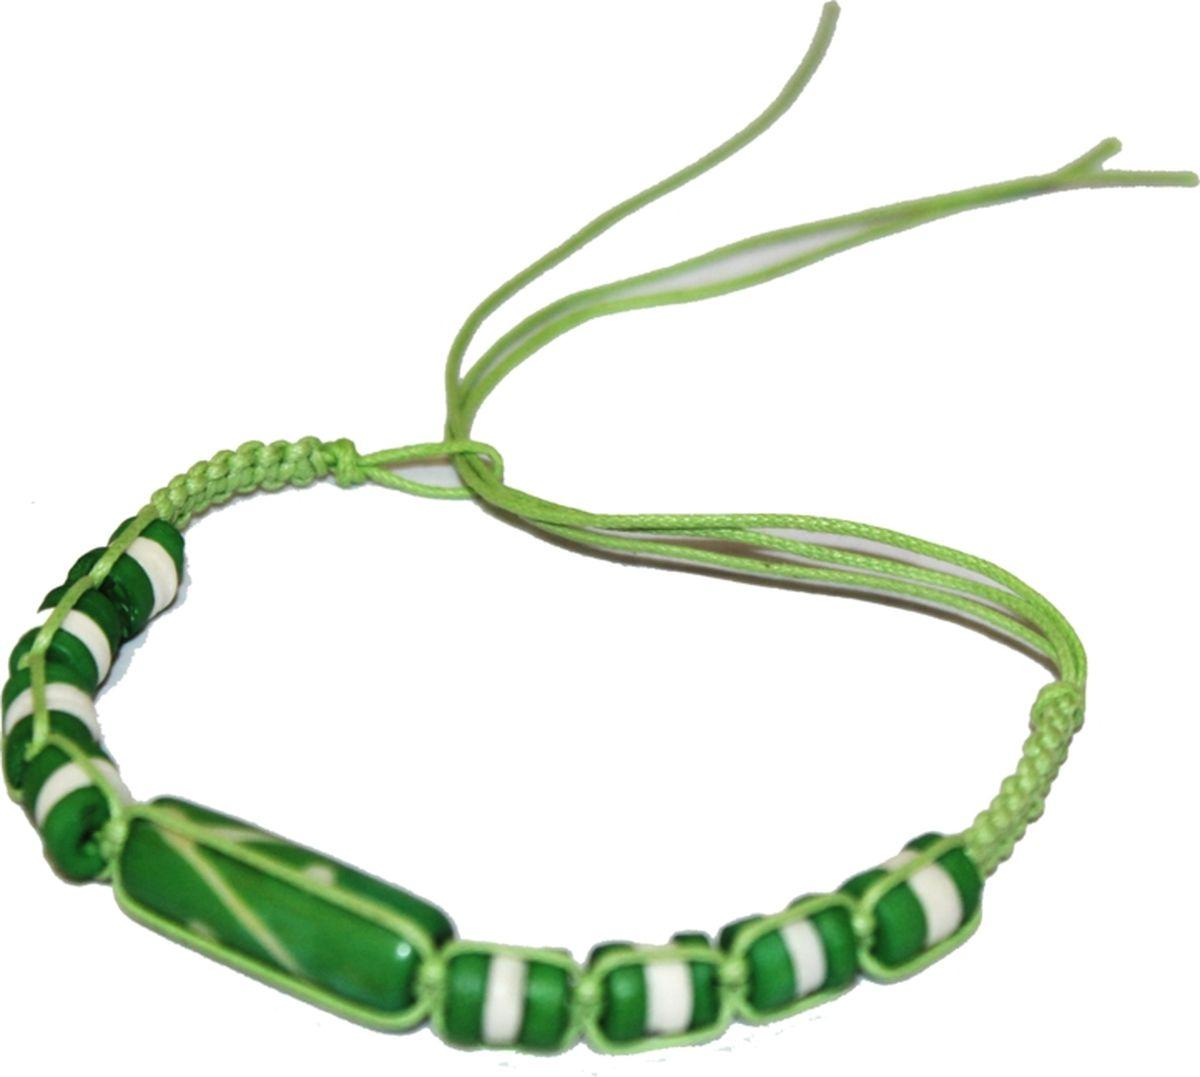 Браслет Ethnica, цвет: зеленый. 419015НПО 060717-19Стильный браслет-фенечка ручной работы Ethnica, выполненный из нитей с натуральными костяными бусинами, отлично впишется как в мужской, так и в женский образ. Размер браслета регулируется с помощью петли.Классика среди повседневных аксессуаров, фенечка поможет экспериментировать со своим образом, привнося в него новые краски и настроение.